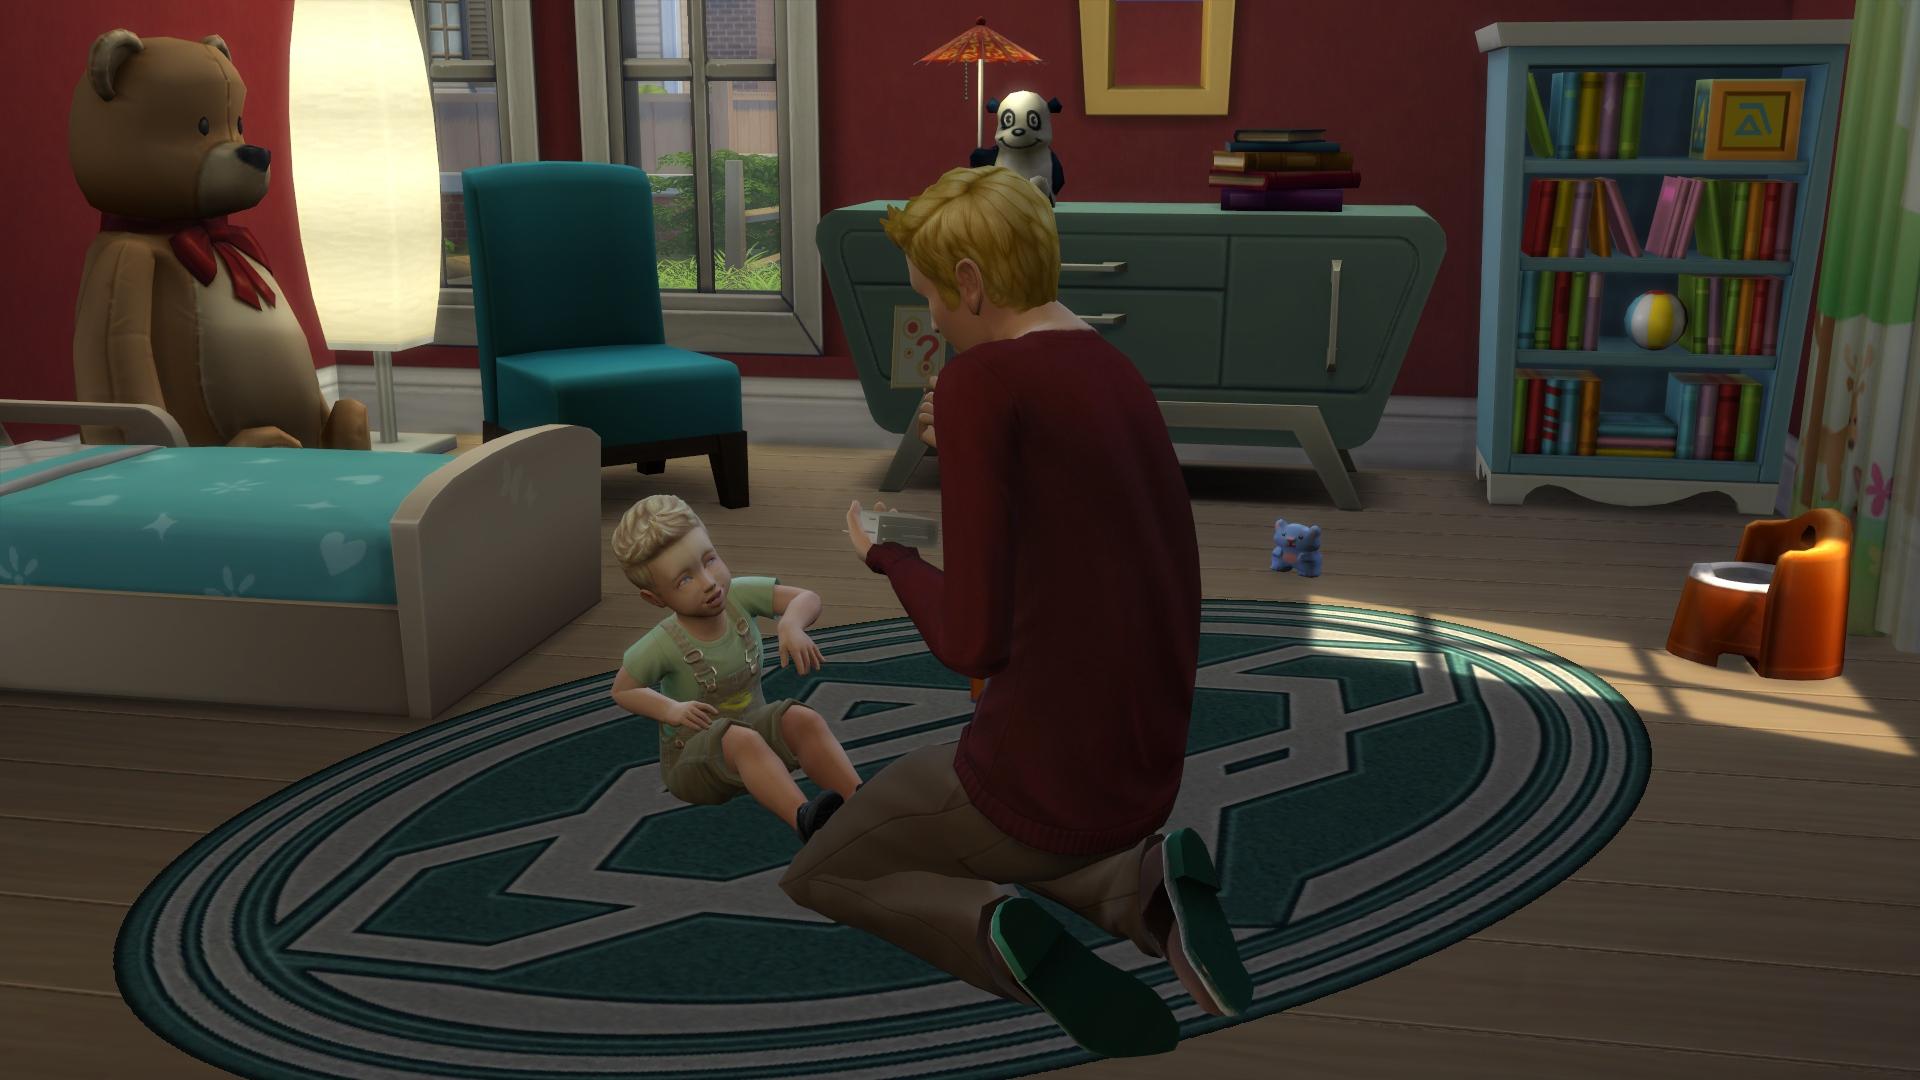 Małe dziecko w The Sims 4